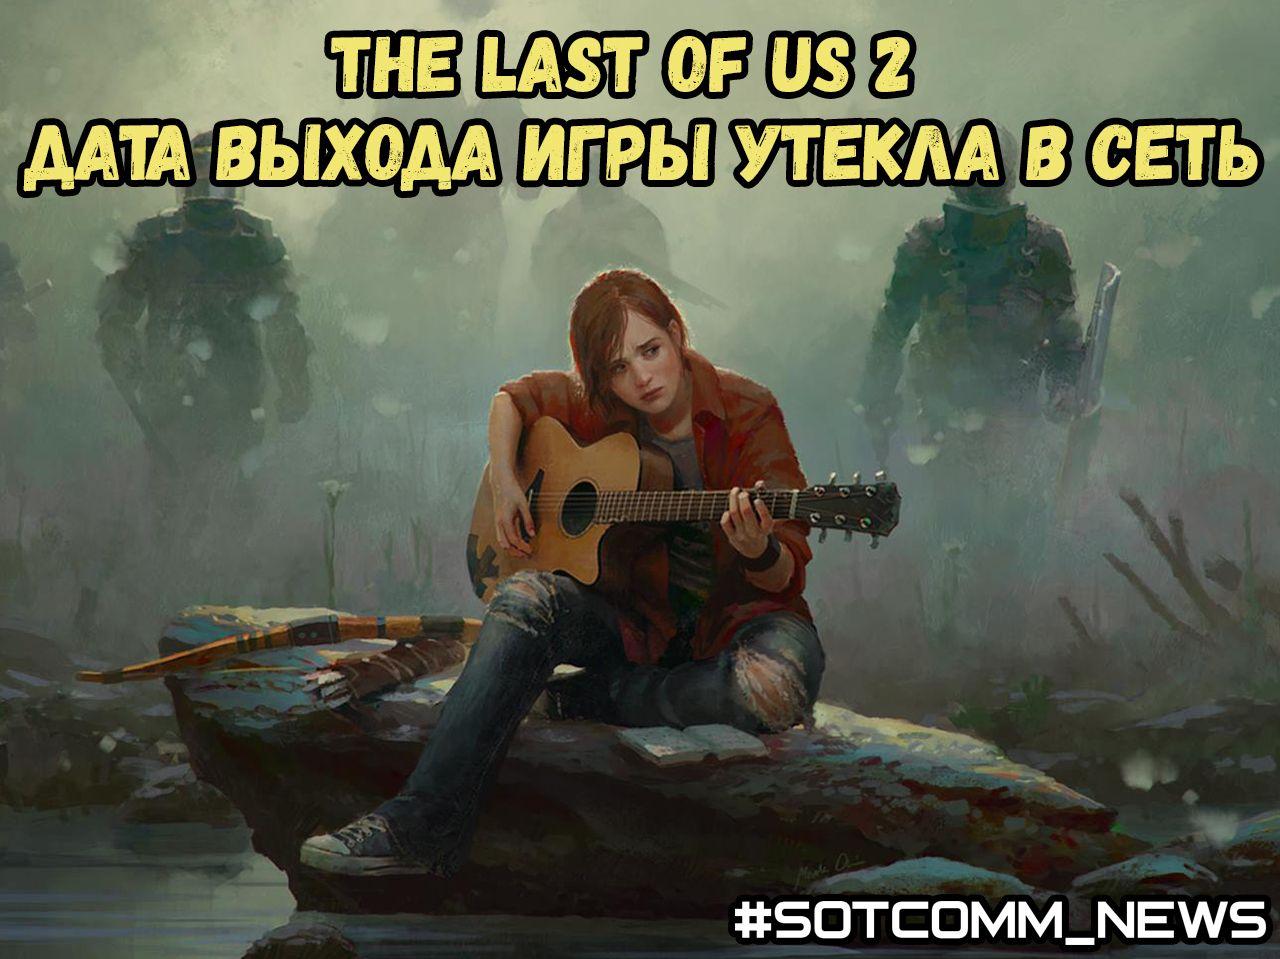 The Last of Us 2 дата выхода игры утекла в сеть